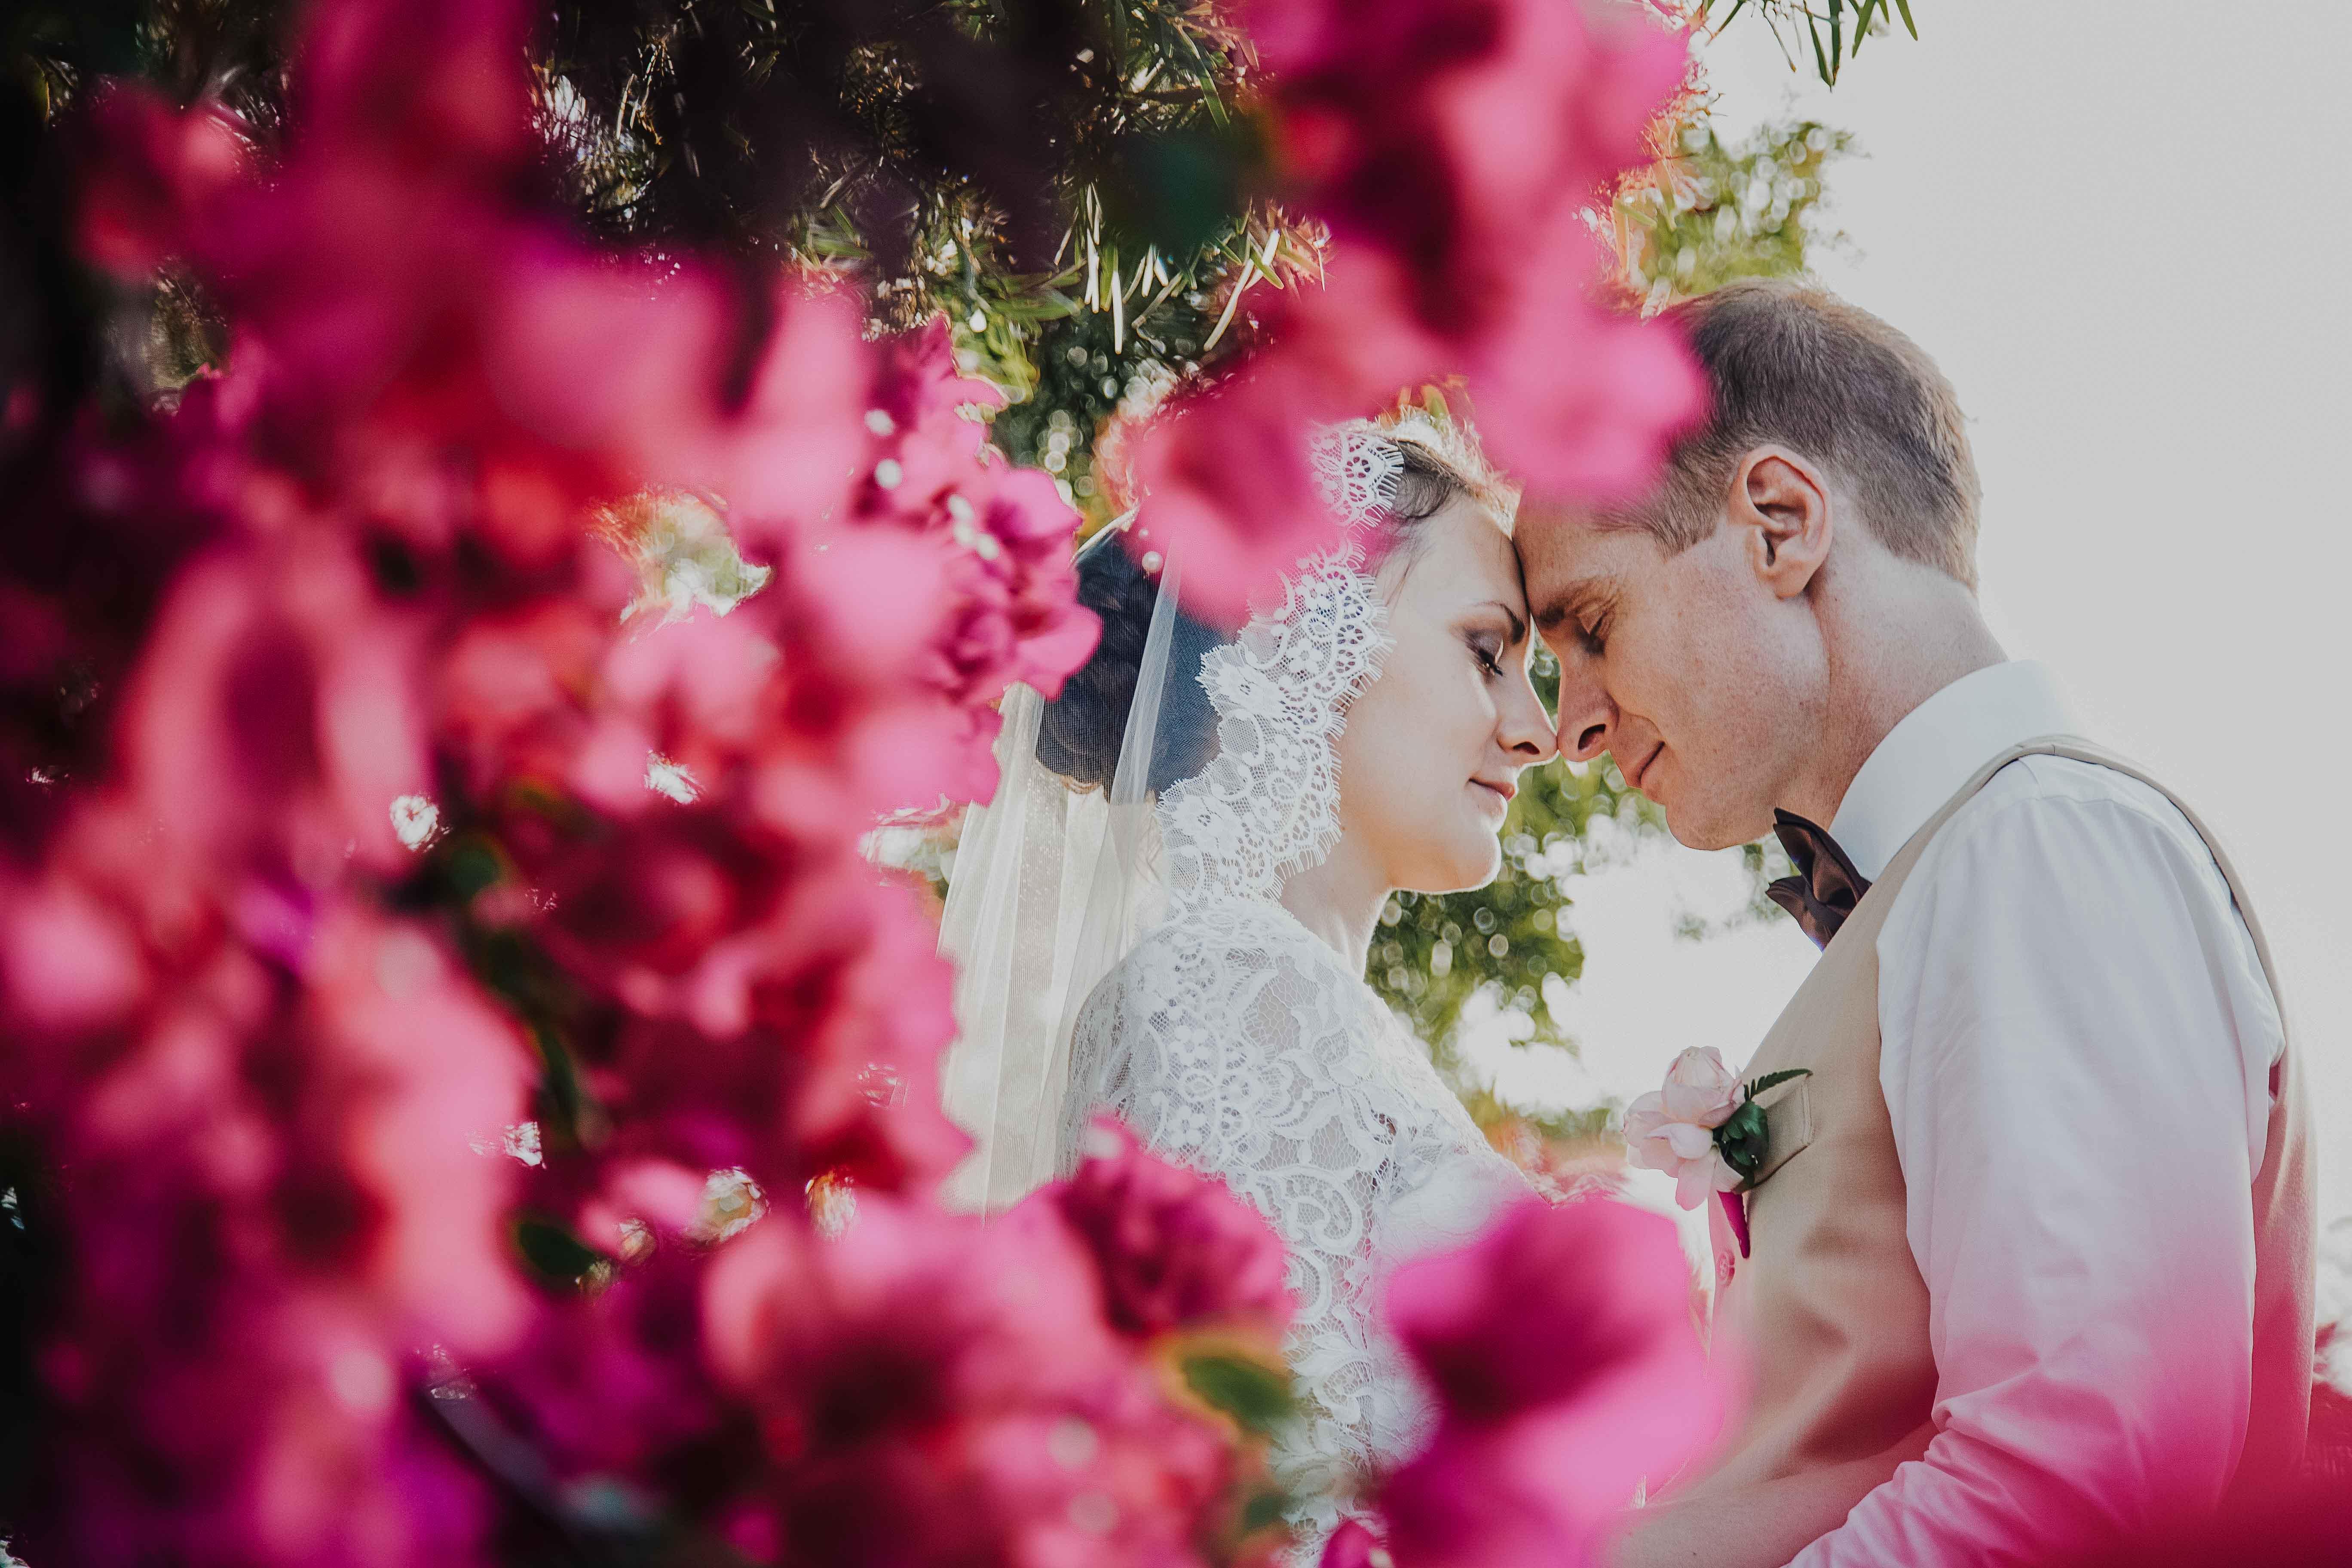 les mariés sont enlacés, tête à tête, les yeux fermés. en premiers plan des fleurs roses